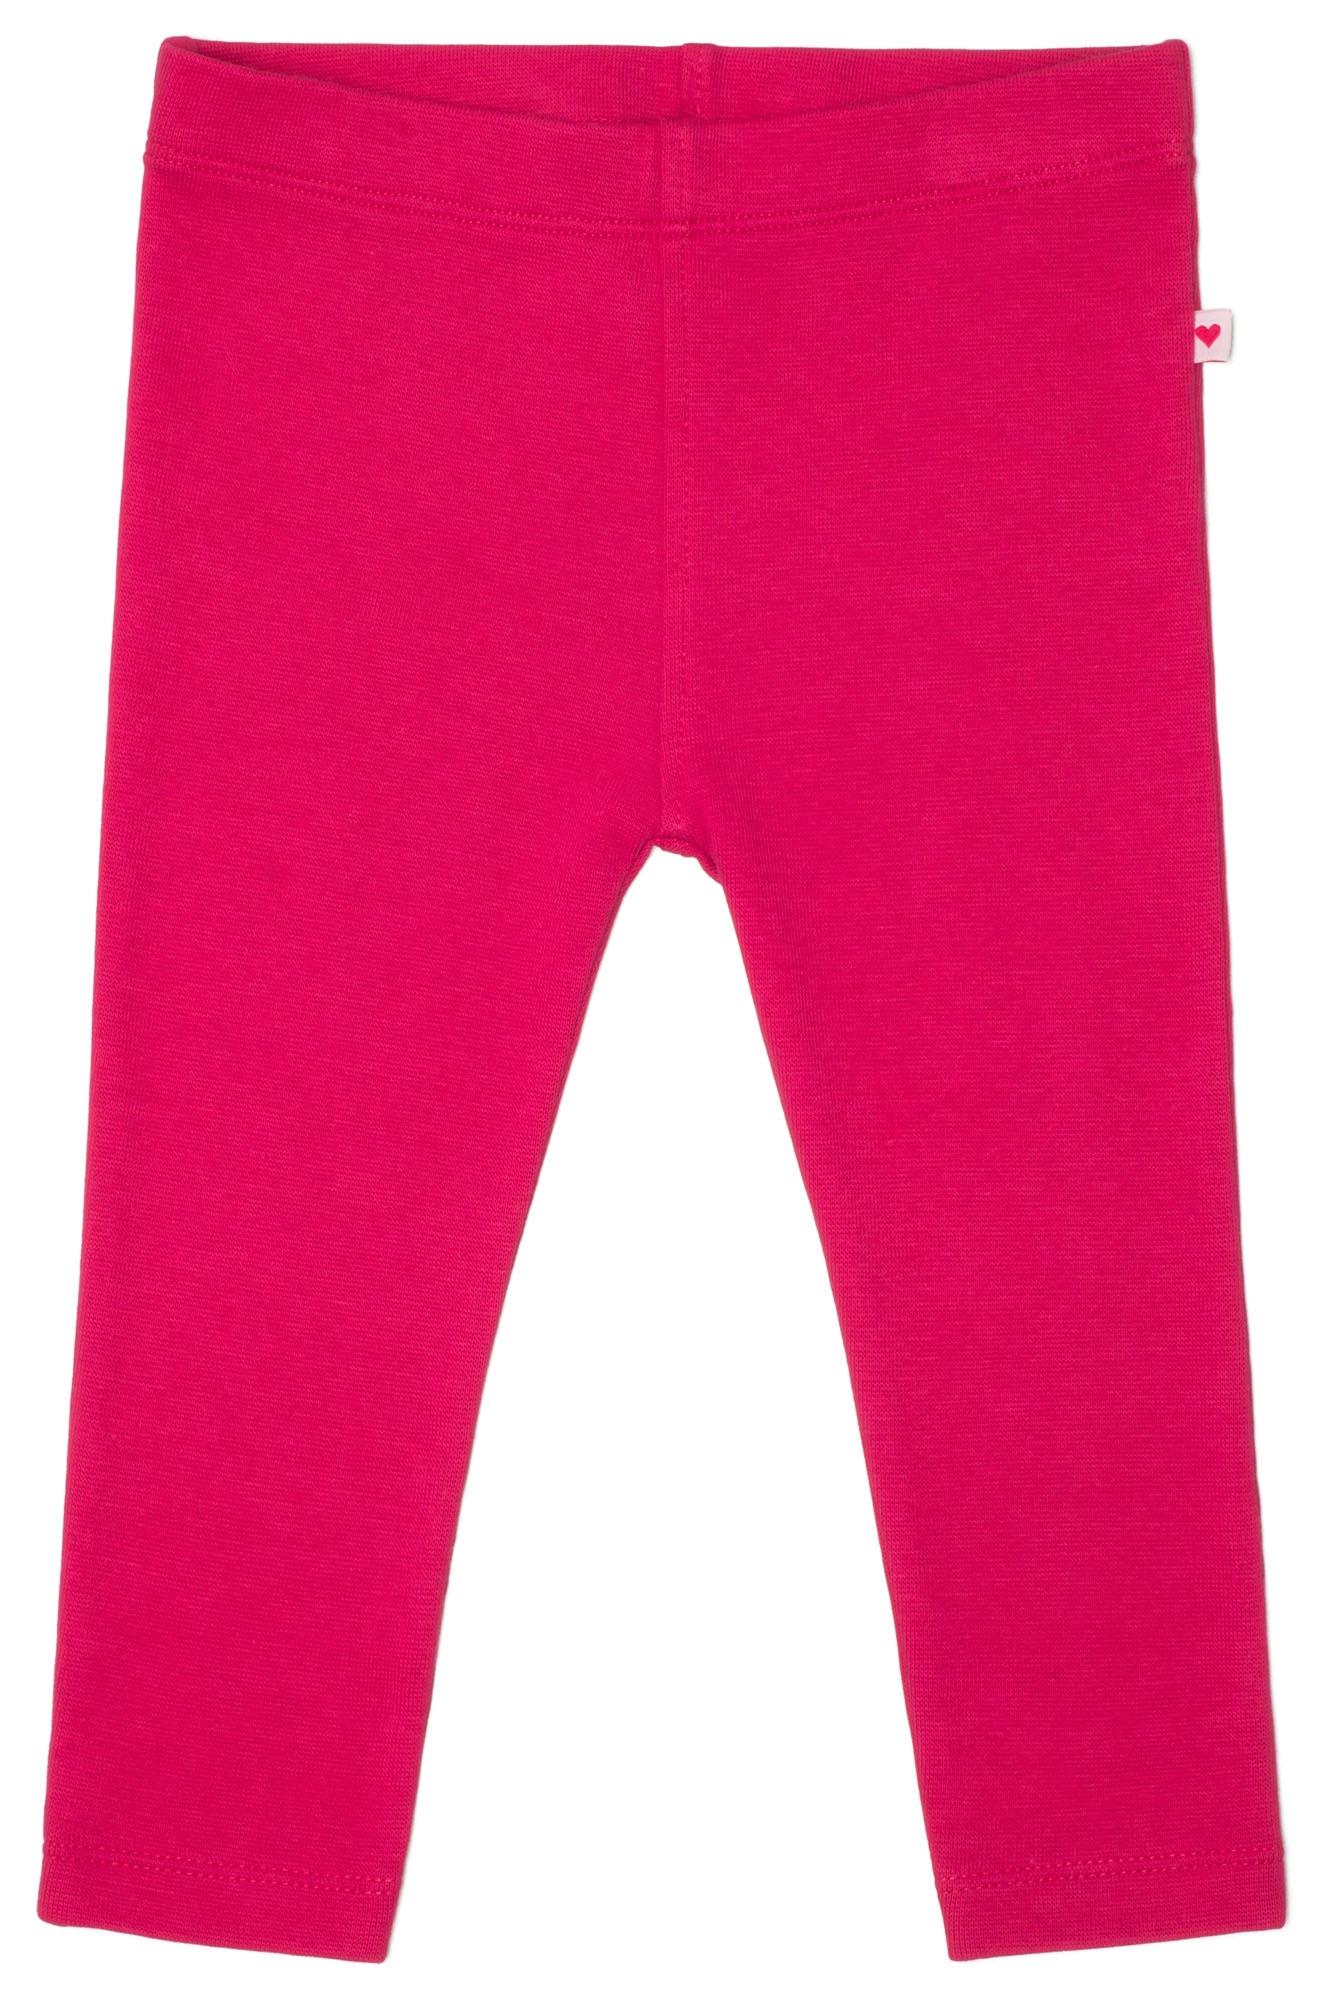 Брюки и леггинсы Barkito Брюки трикотажные для девочки Спорт Barkito темно-розовый леггинсы спорт barkito